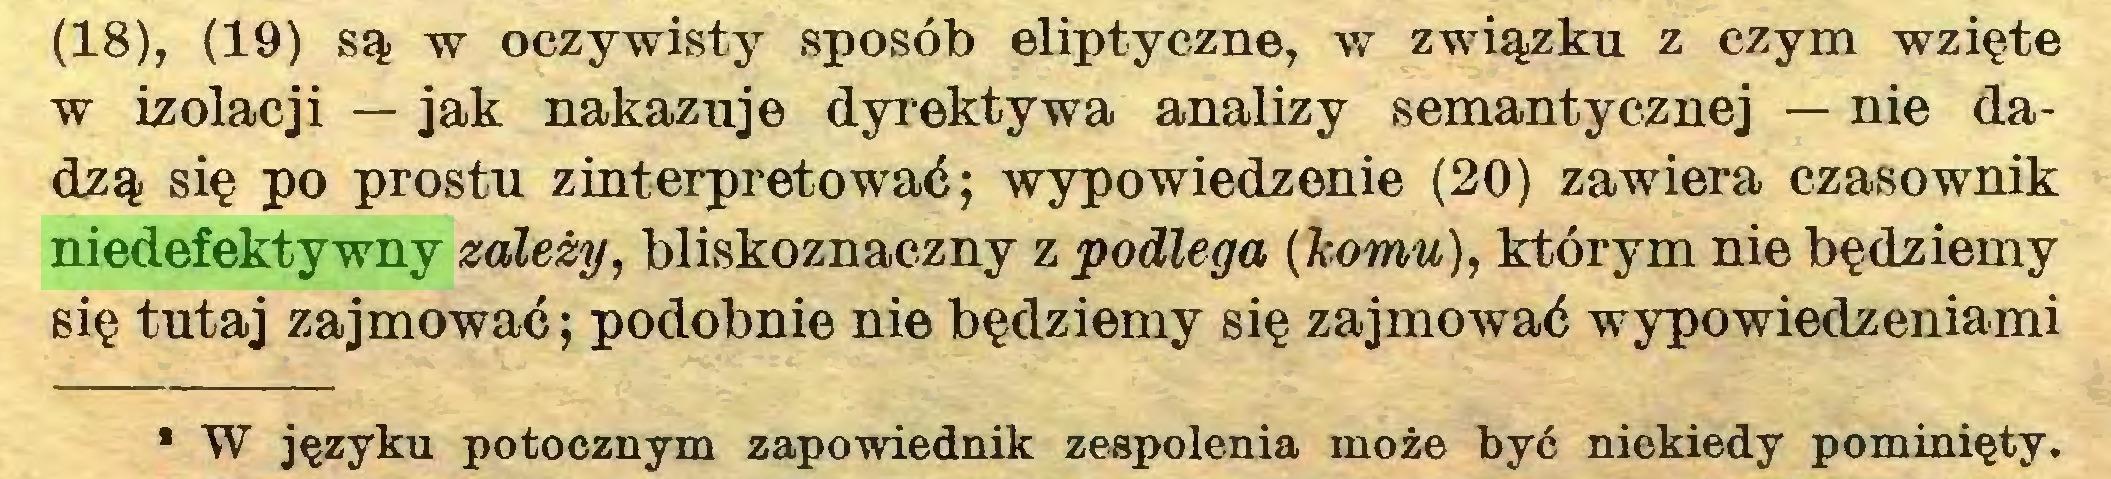 (...) (18), (19) są w oczywisty sposób eliptyczne, w związku z czym wzięte w izolacji — jak nakazuje dyrektywa analizy semantycznej — nie dadzą się po prostu zinterpretować; wypowiedzenie (20) zawiera czasownik niedefektywny zależy, bliskoznaczny z podlega (komu), którym nie będziemy się tutaj zajmować; podobnie nie będziemy się zajmować wypowiedzeniami • W języku potocznym zapowiednik zespolenia może być niekiedy pominięty...